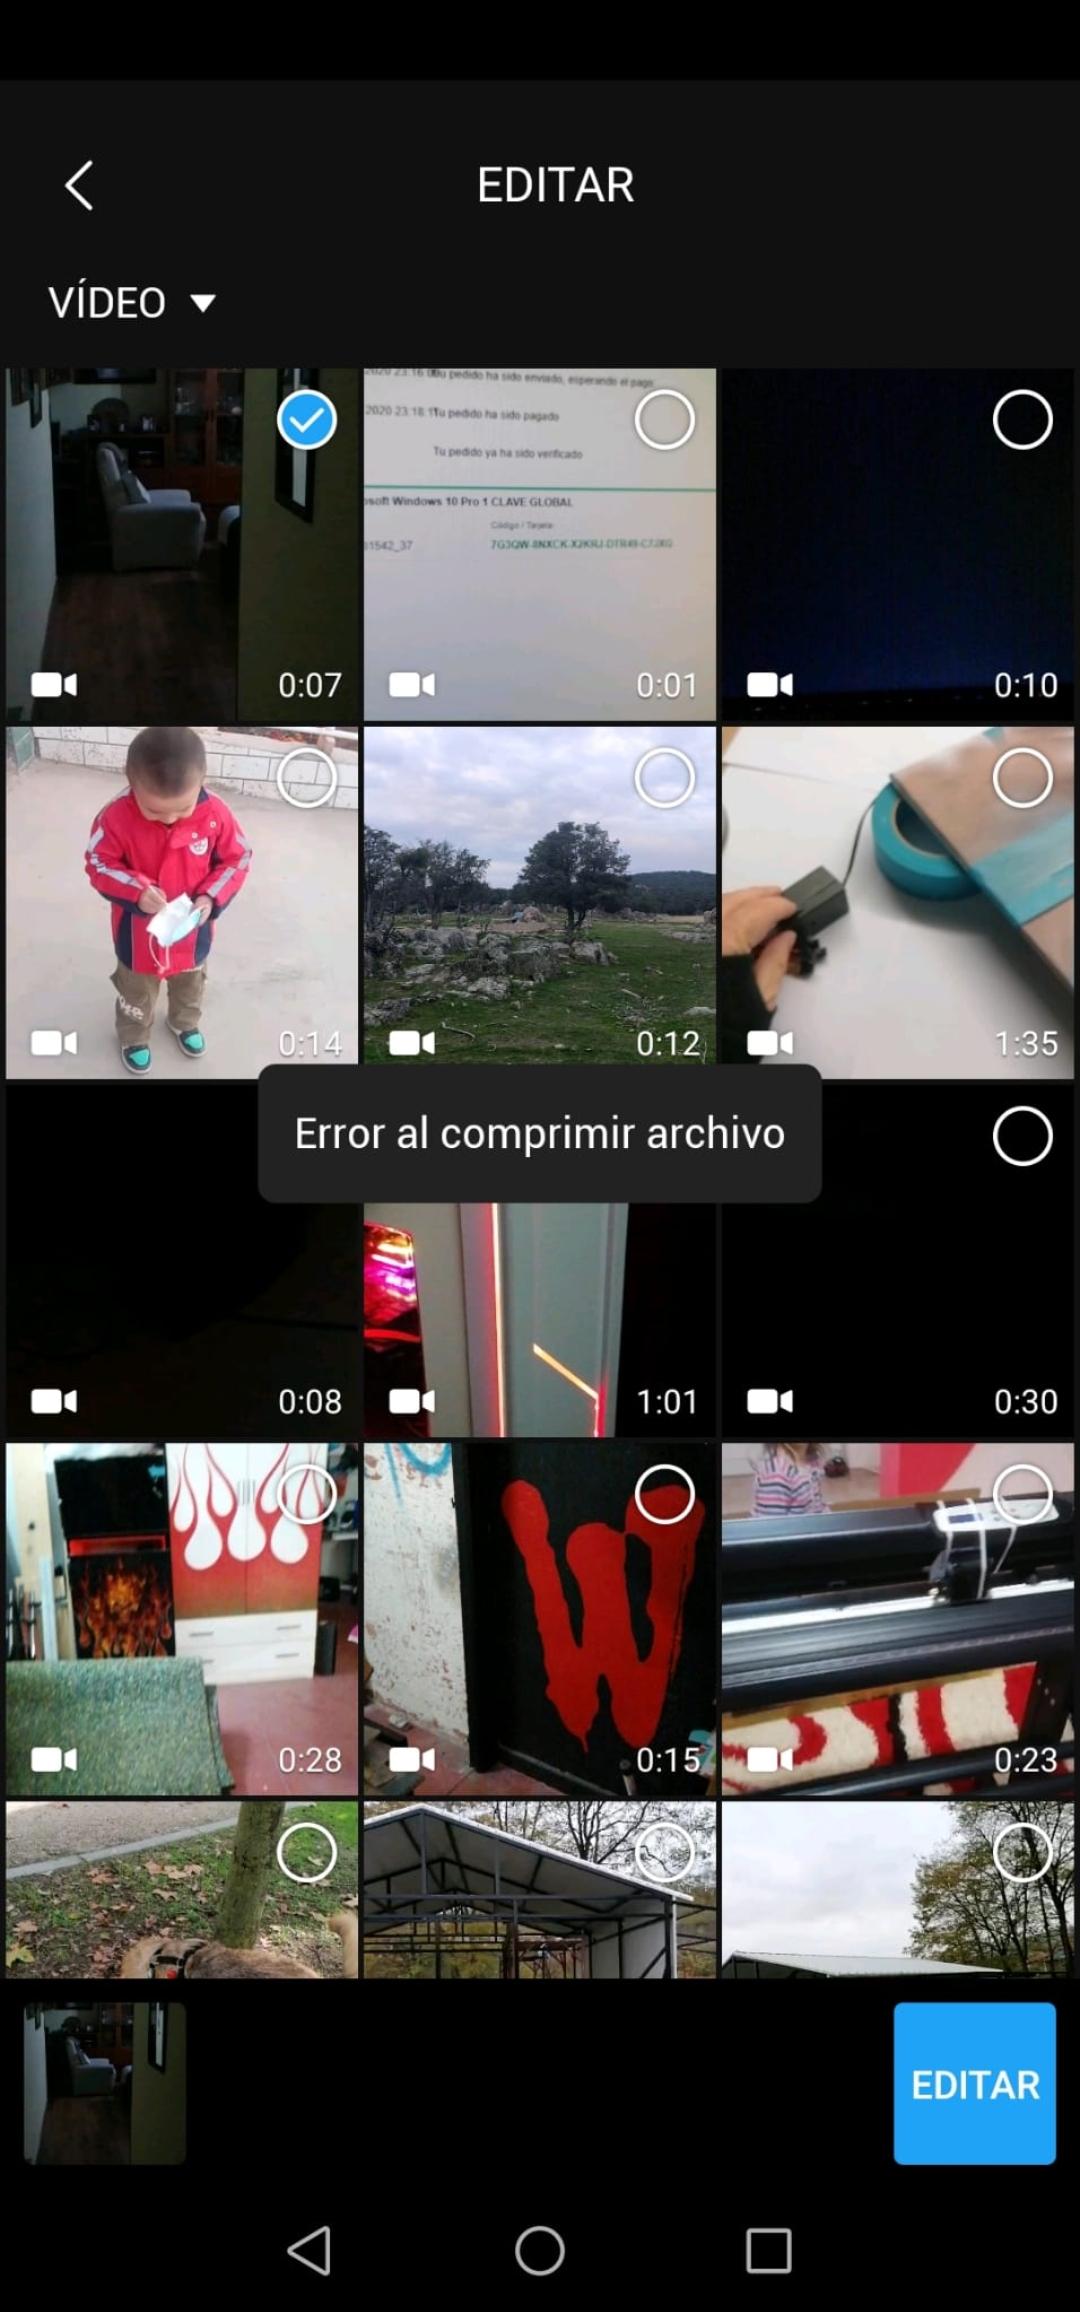 Screenshot_20201122_204349_com.whatsapp.jpg